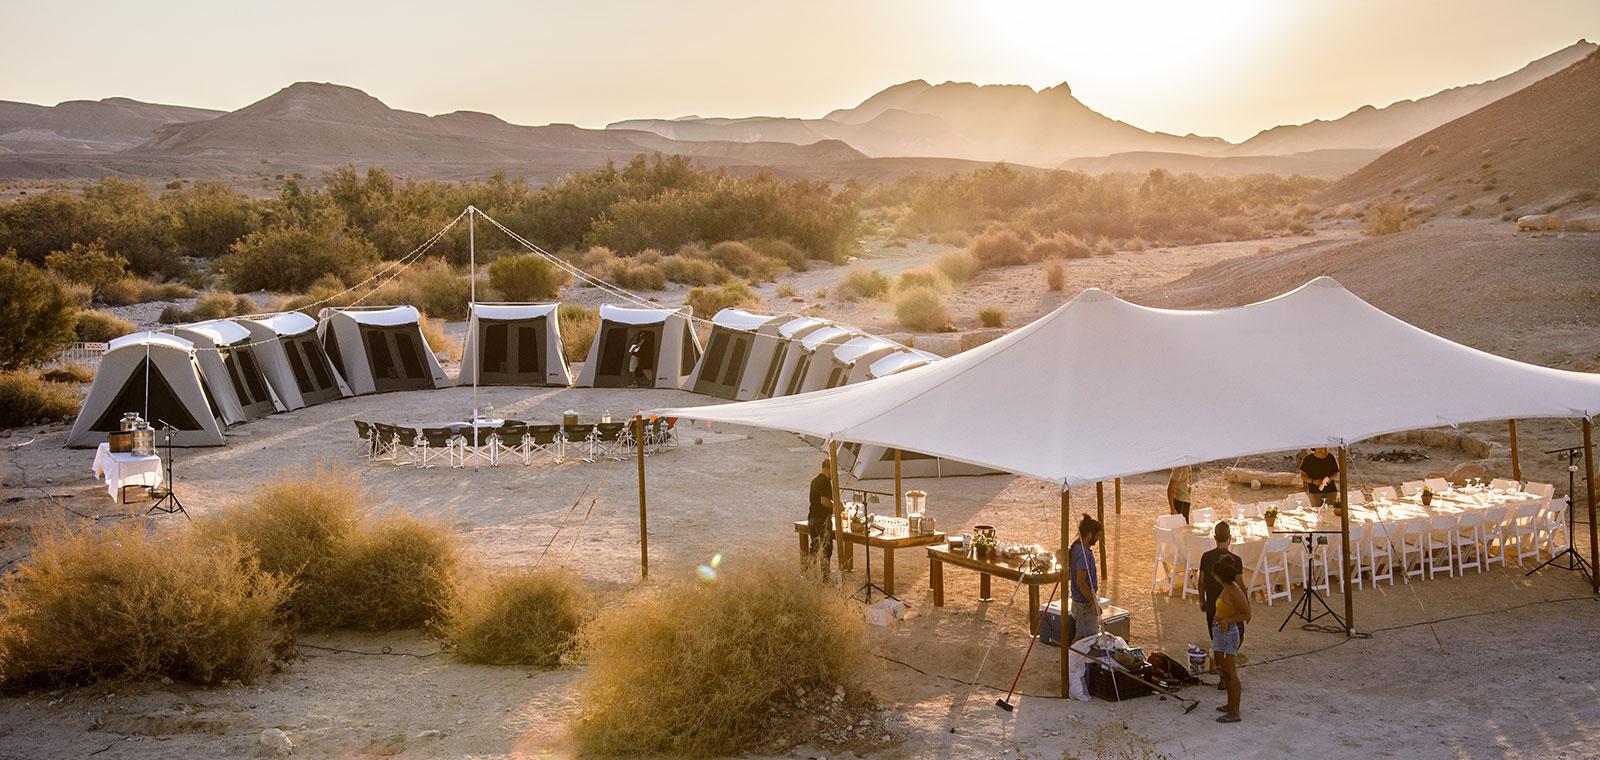 גלמפינג יום הולת 50 במדבר אירוע פרטי